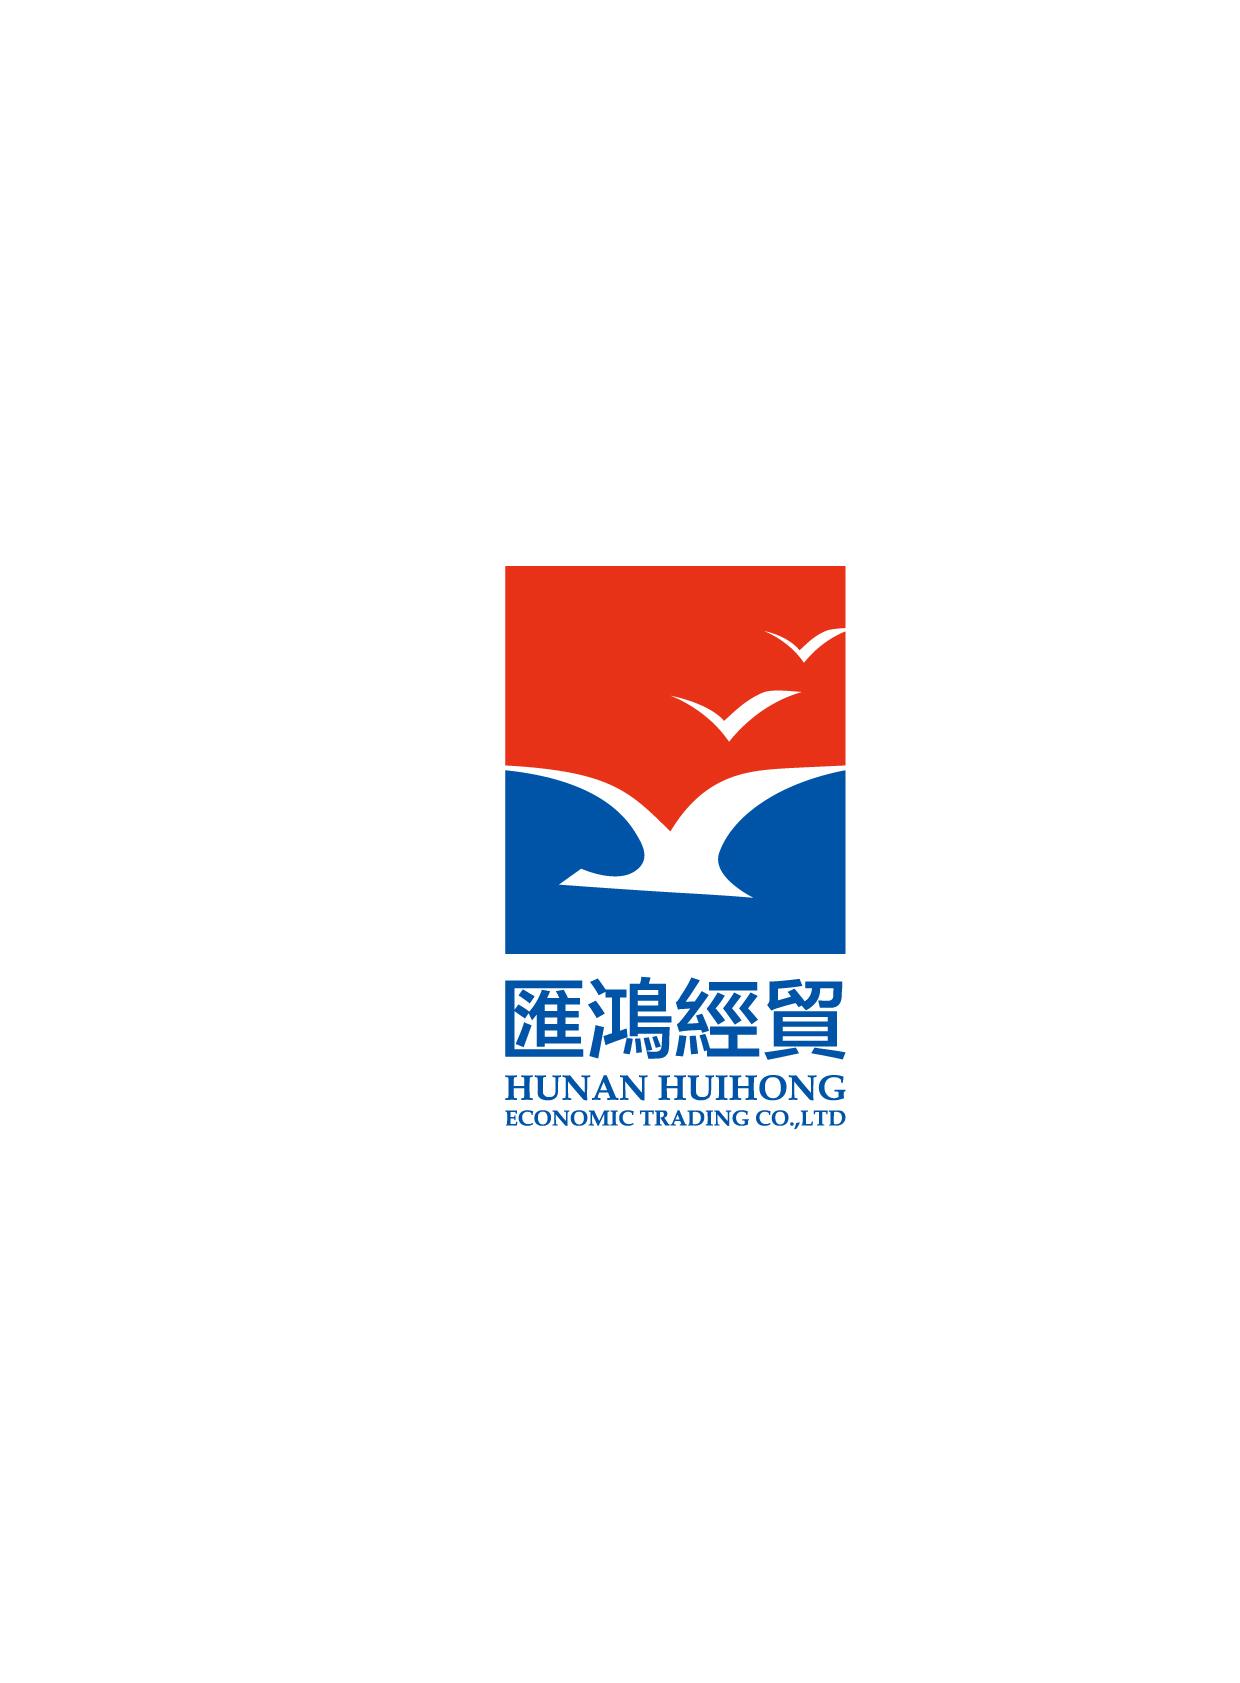 湖南汇鸿经贸有限公司